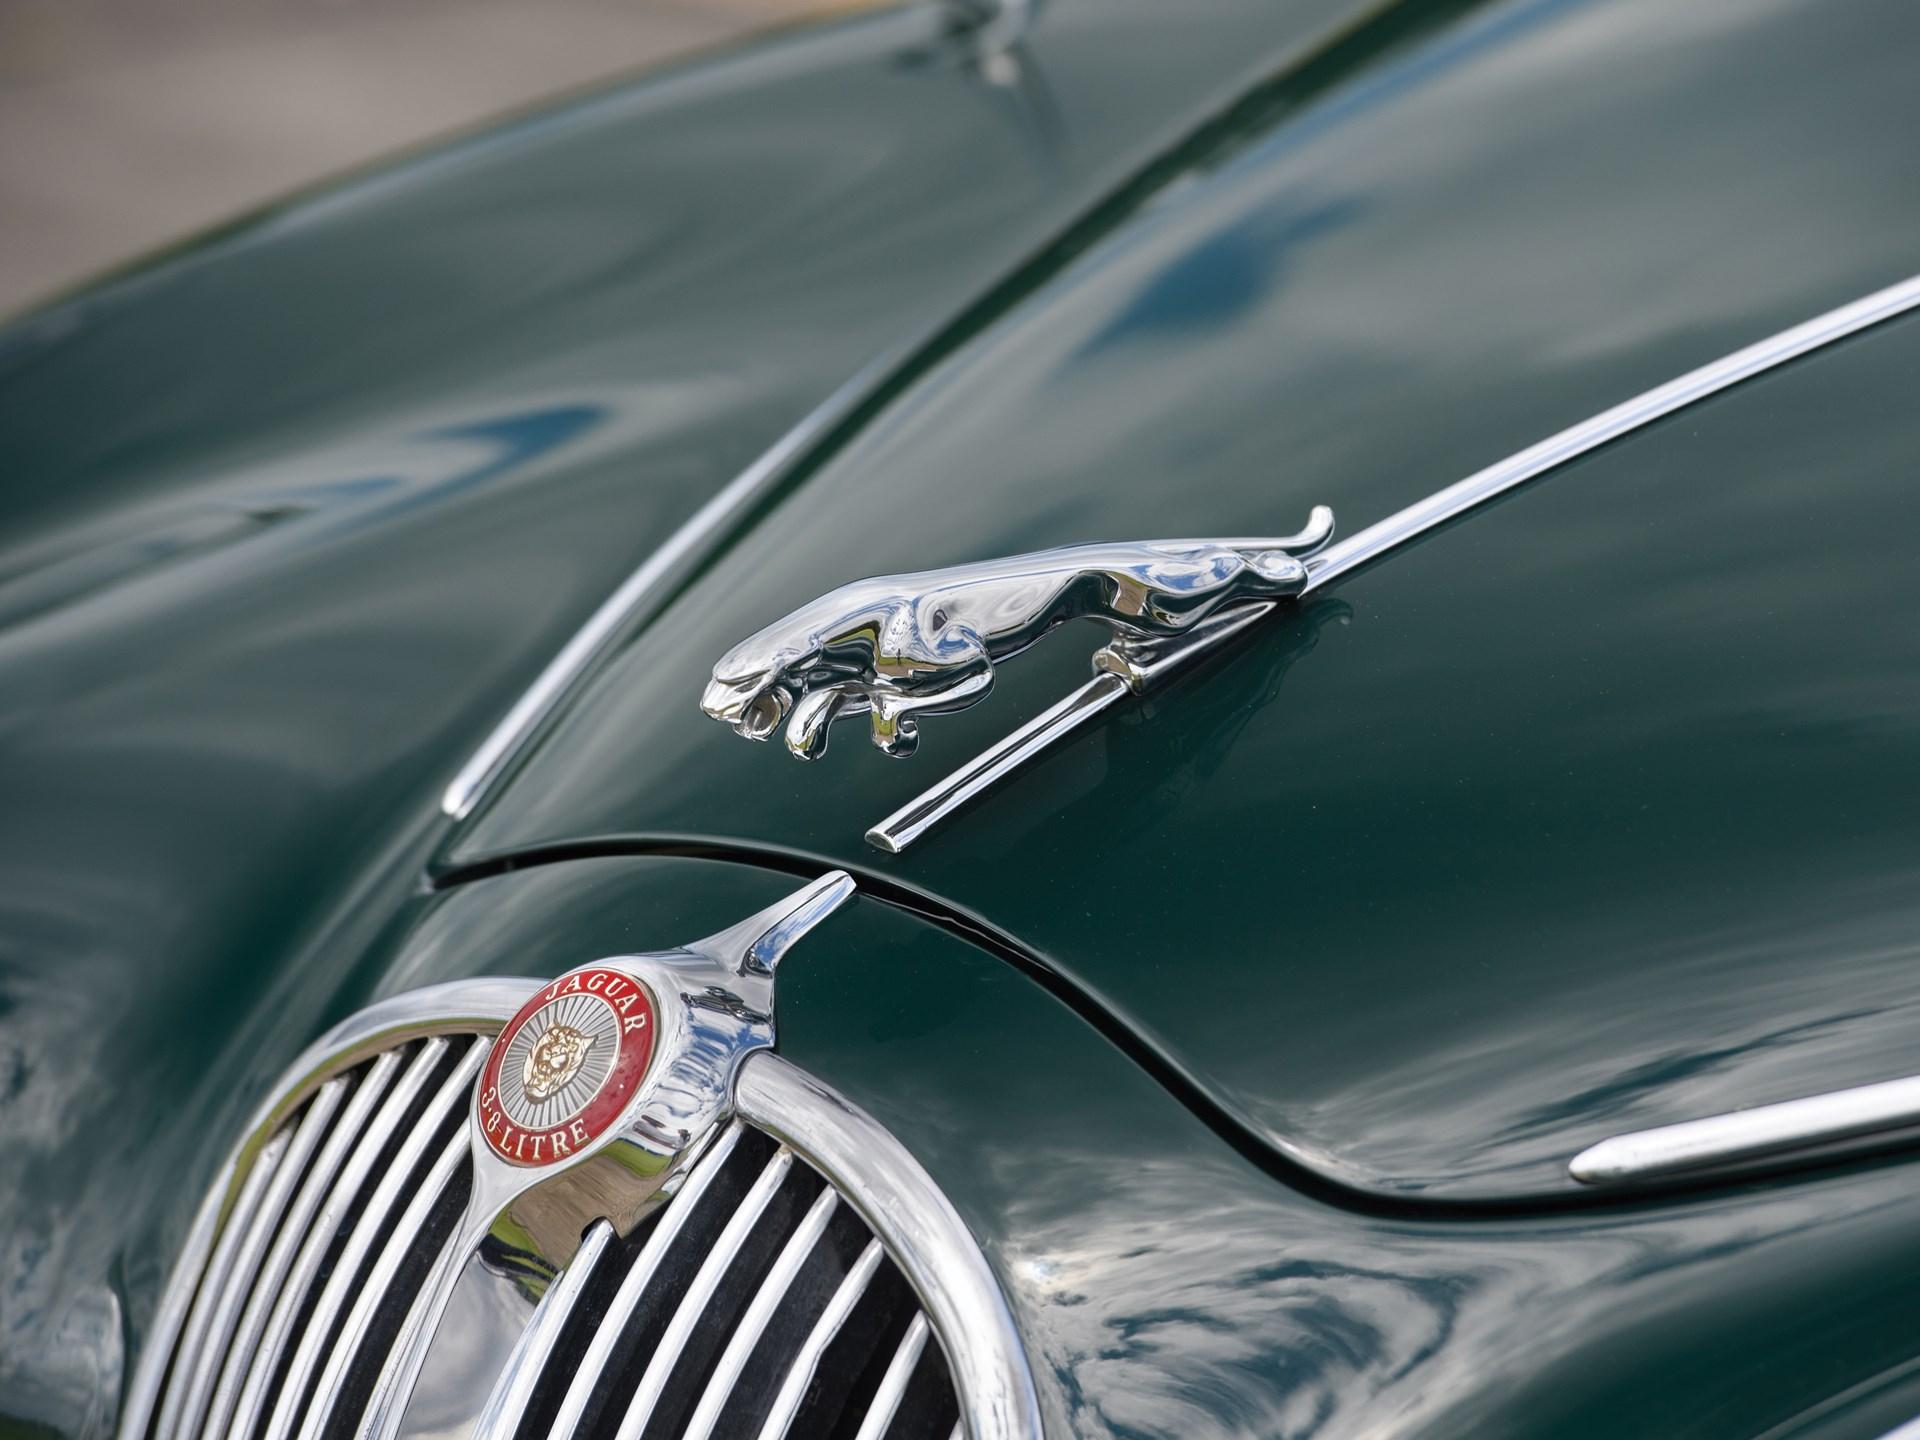 1960 Jaguar MK2